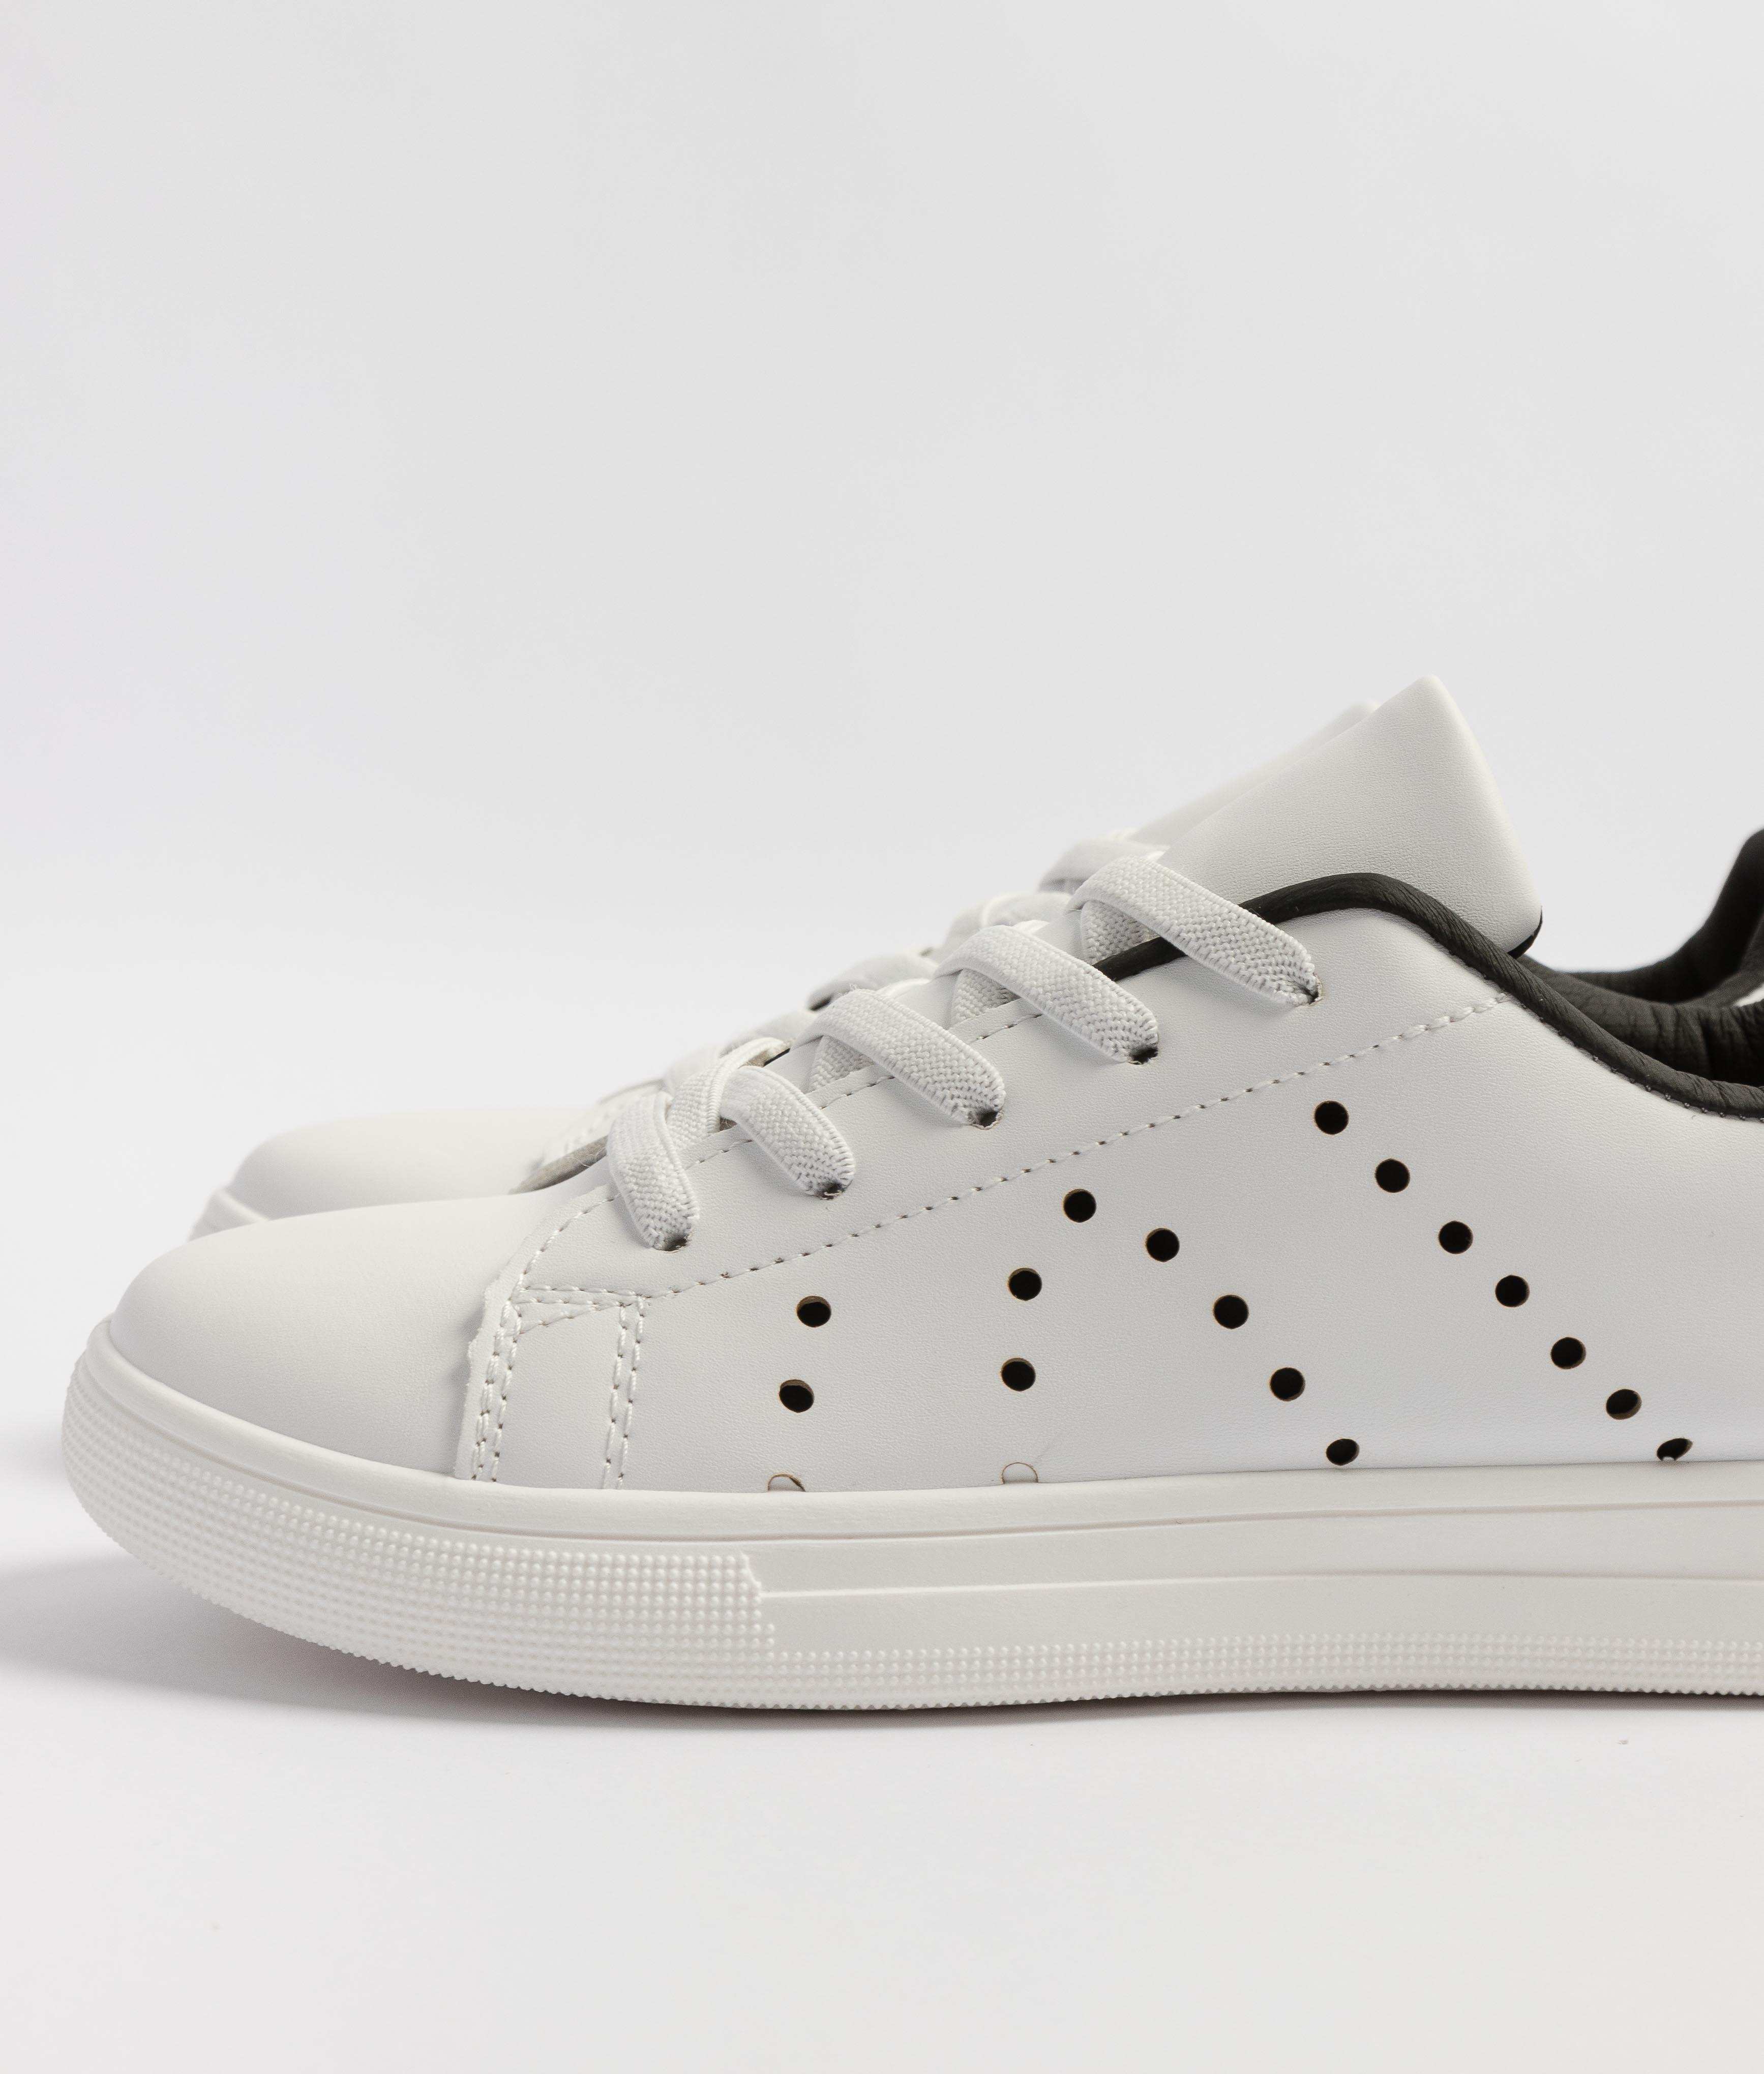 Sneakers Atelier - Black